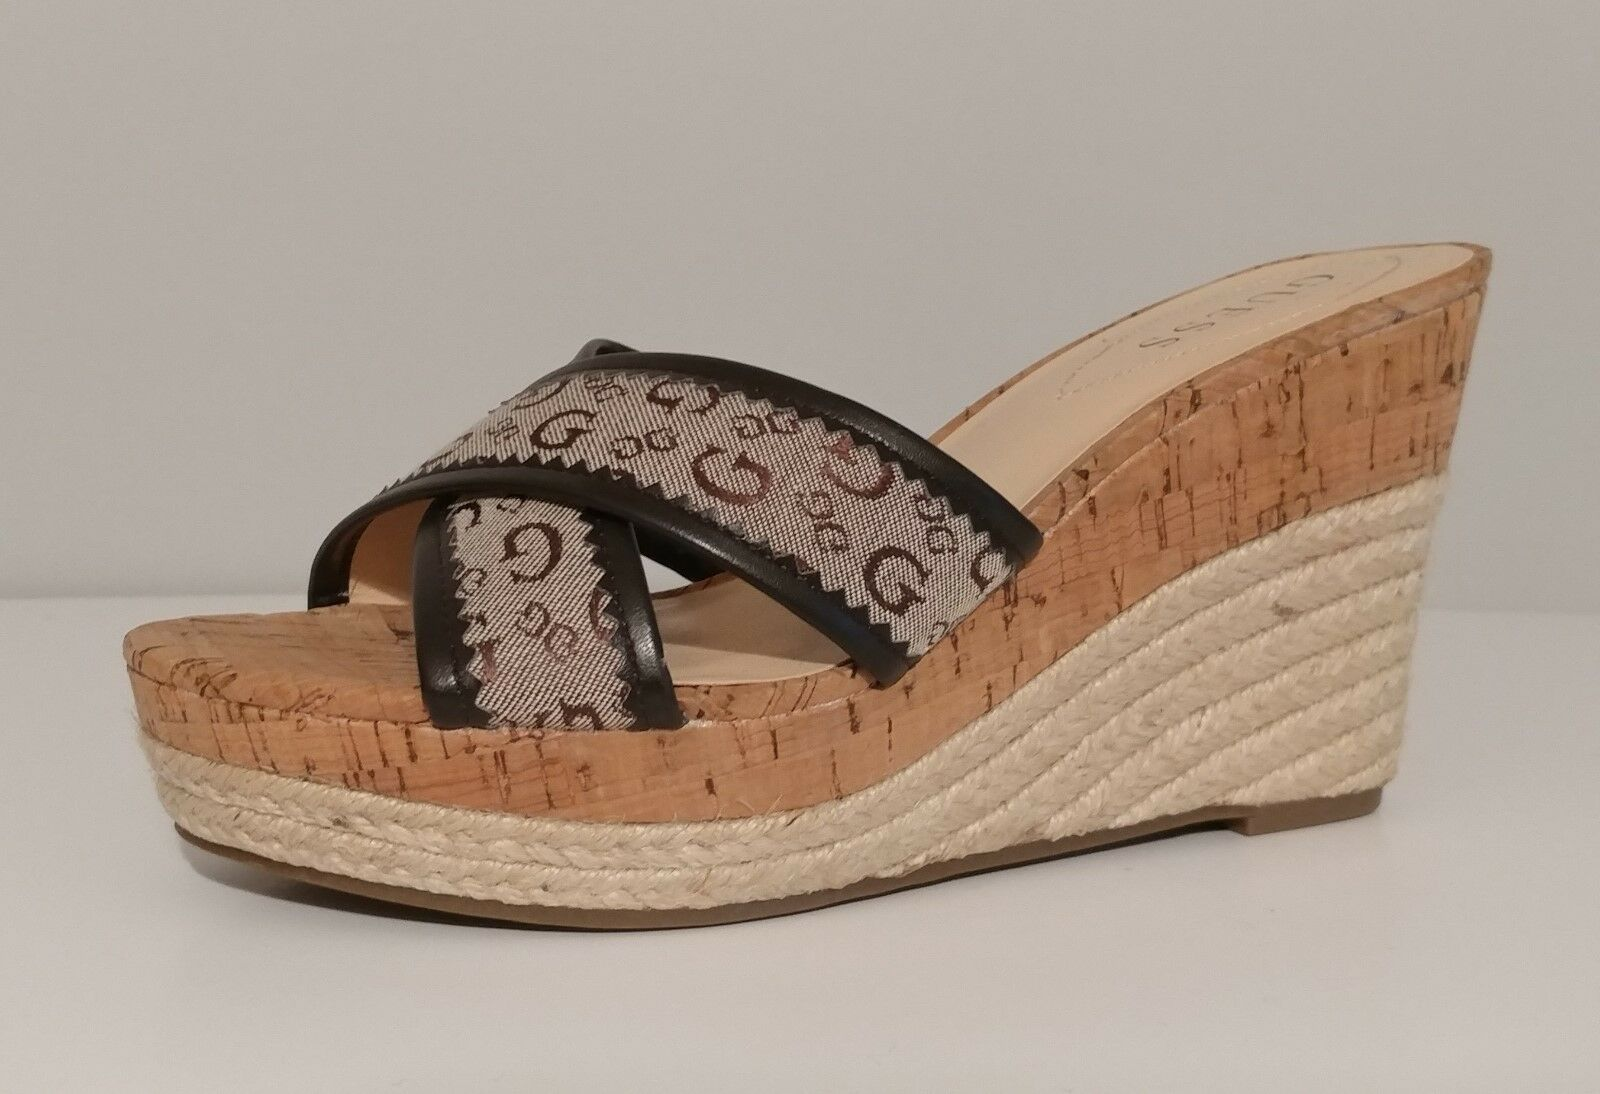 Nuevo Sandalias de Cuña Negro Negro Negro Guess    4  Tacones De Corcho tamaño 9M nos 39M EUR  caliente